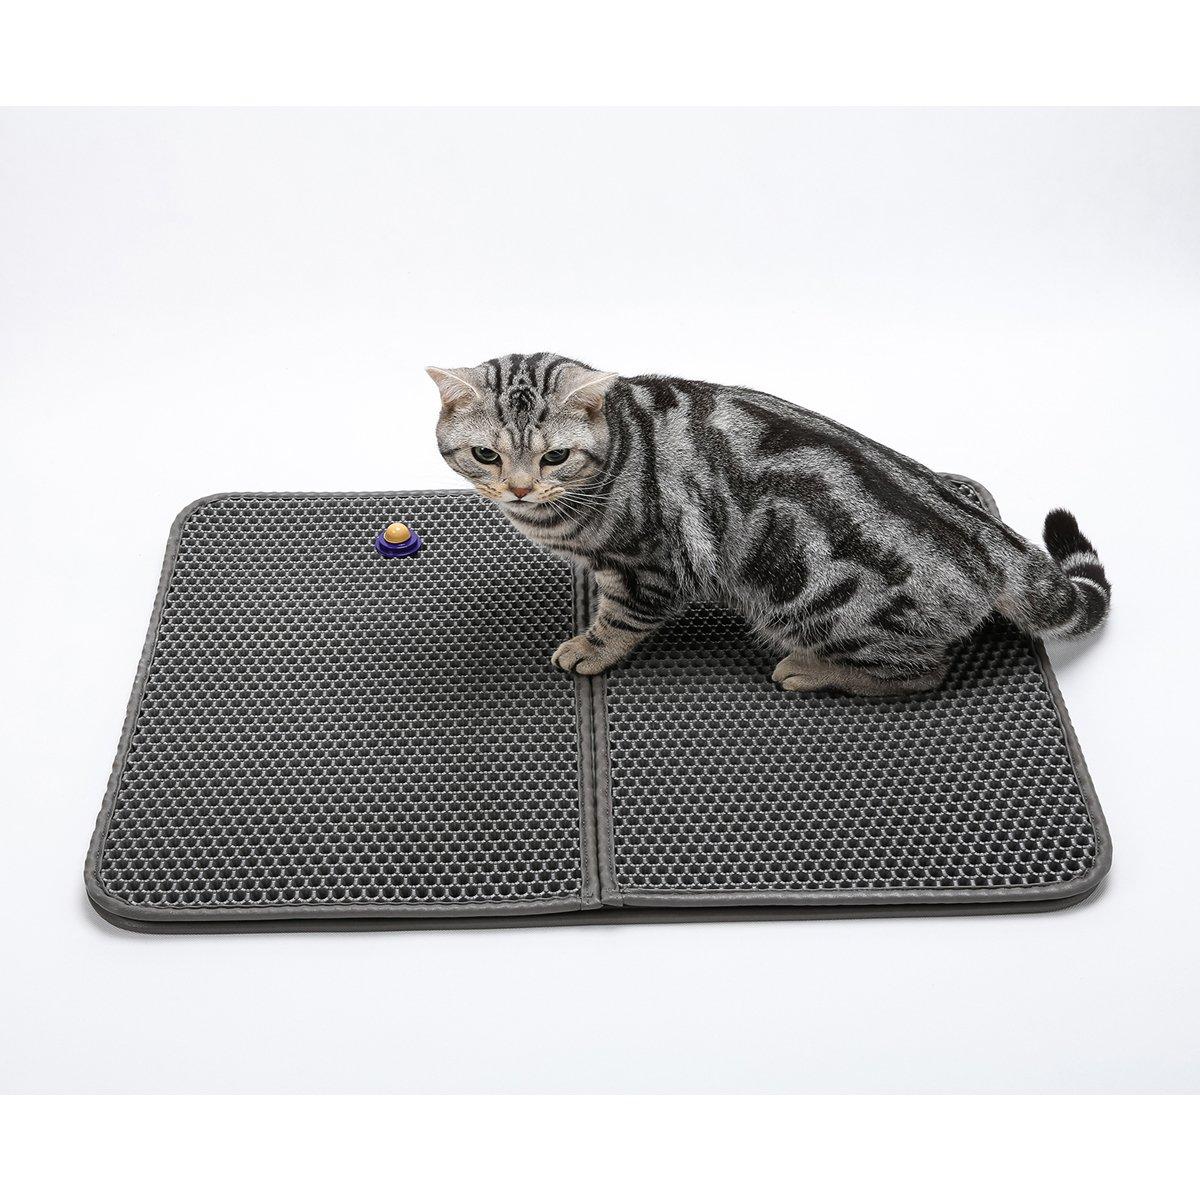 G&M only Cat Litter Mat/Estera de arena para Gatos,Doble Capa Secado Rápido - Super tamaño rectangular de 30